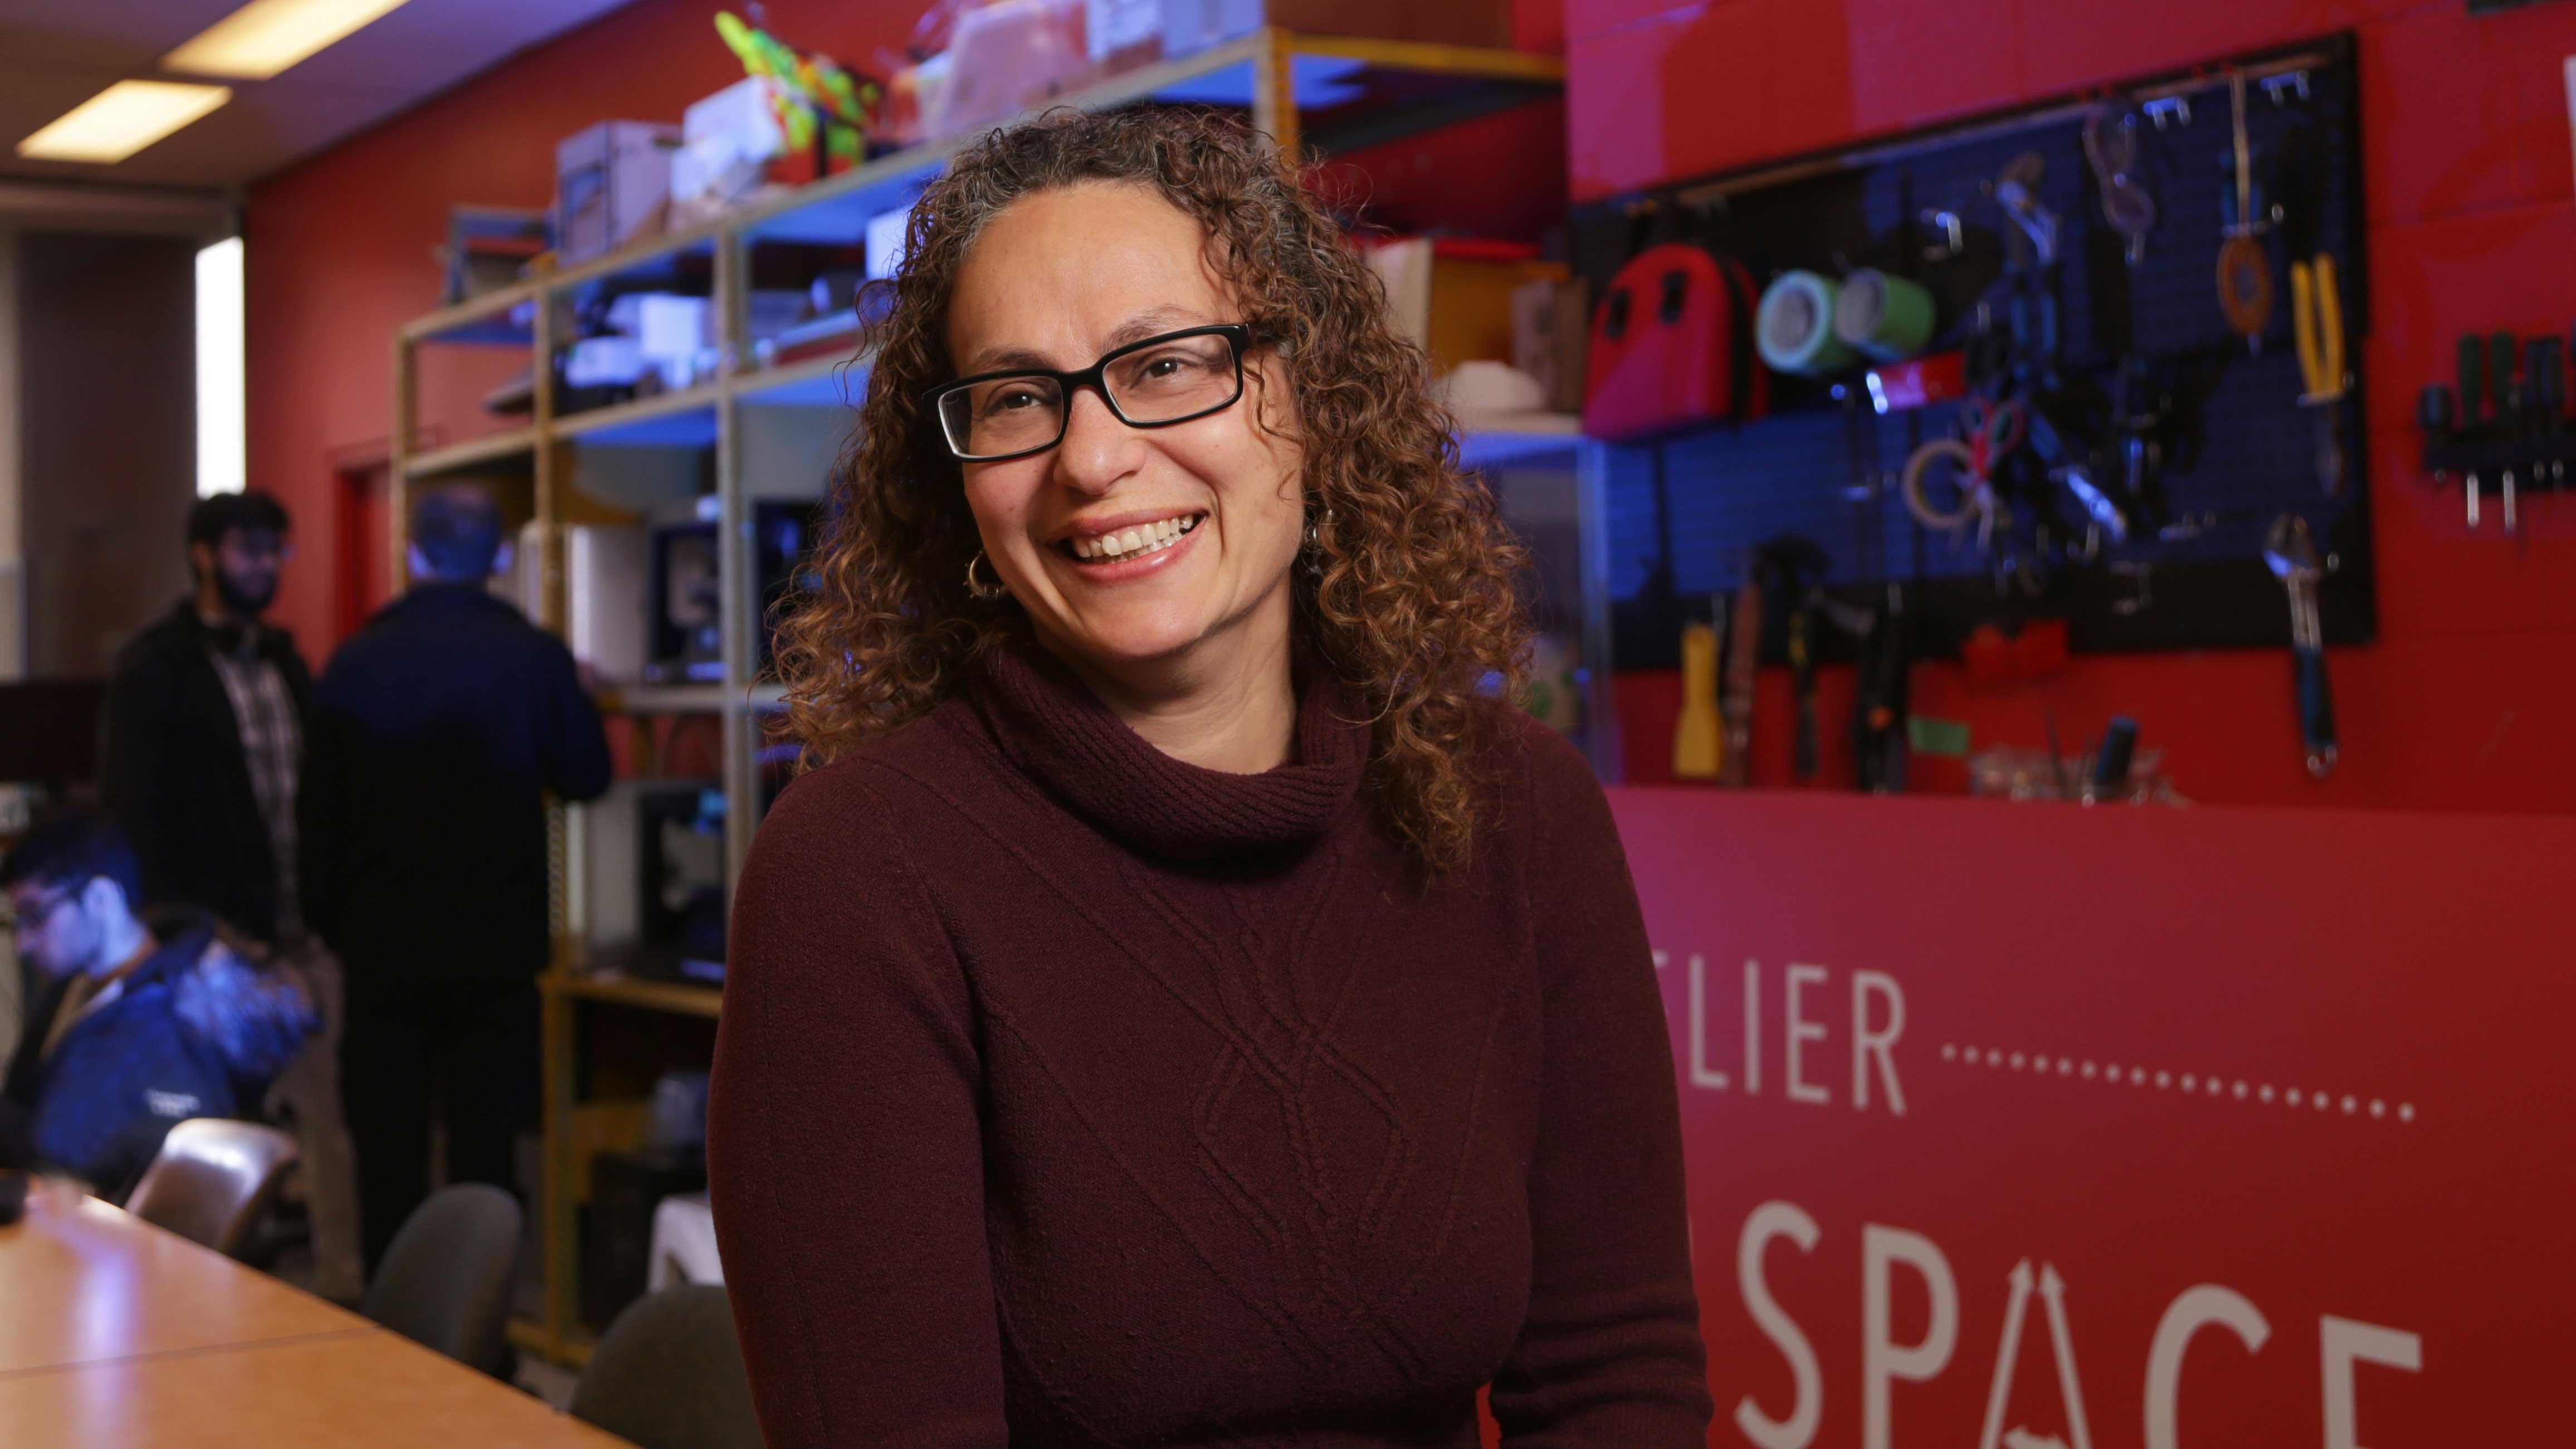 Hanan Anis sourit dans l'atelier Makerspace